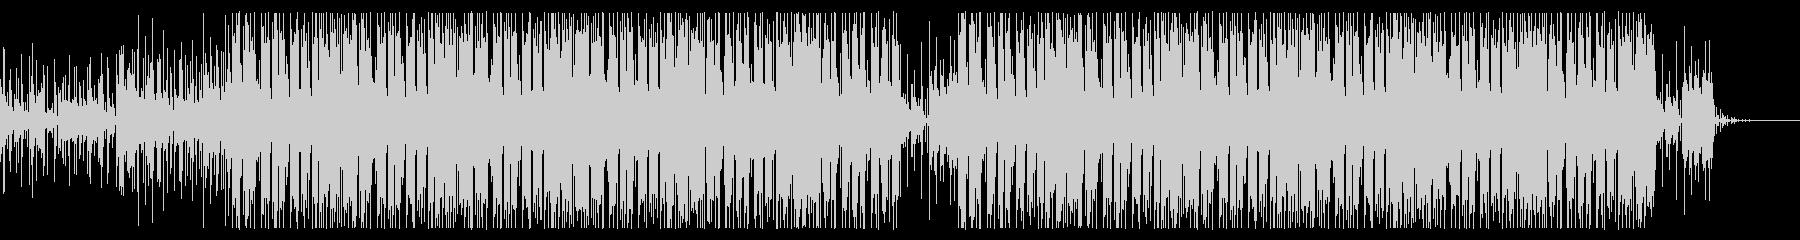 ほのぼのしたエレクトロポップスの未再生の波形